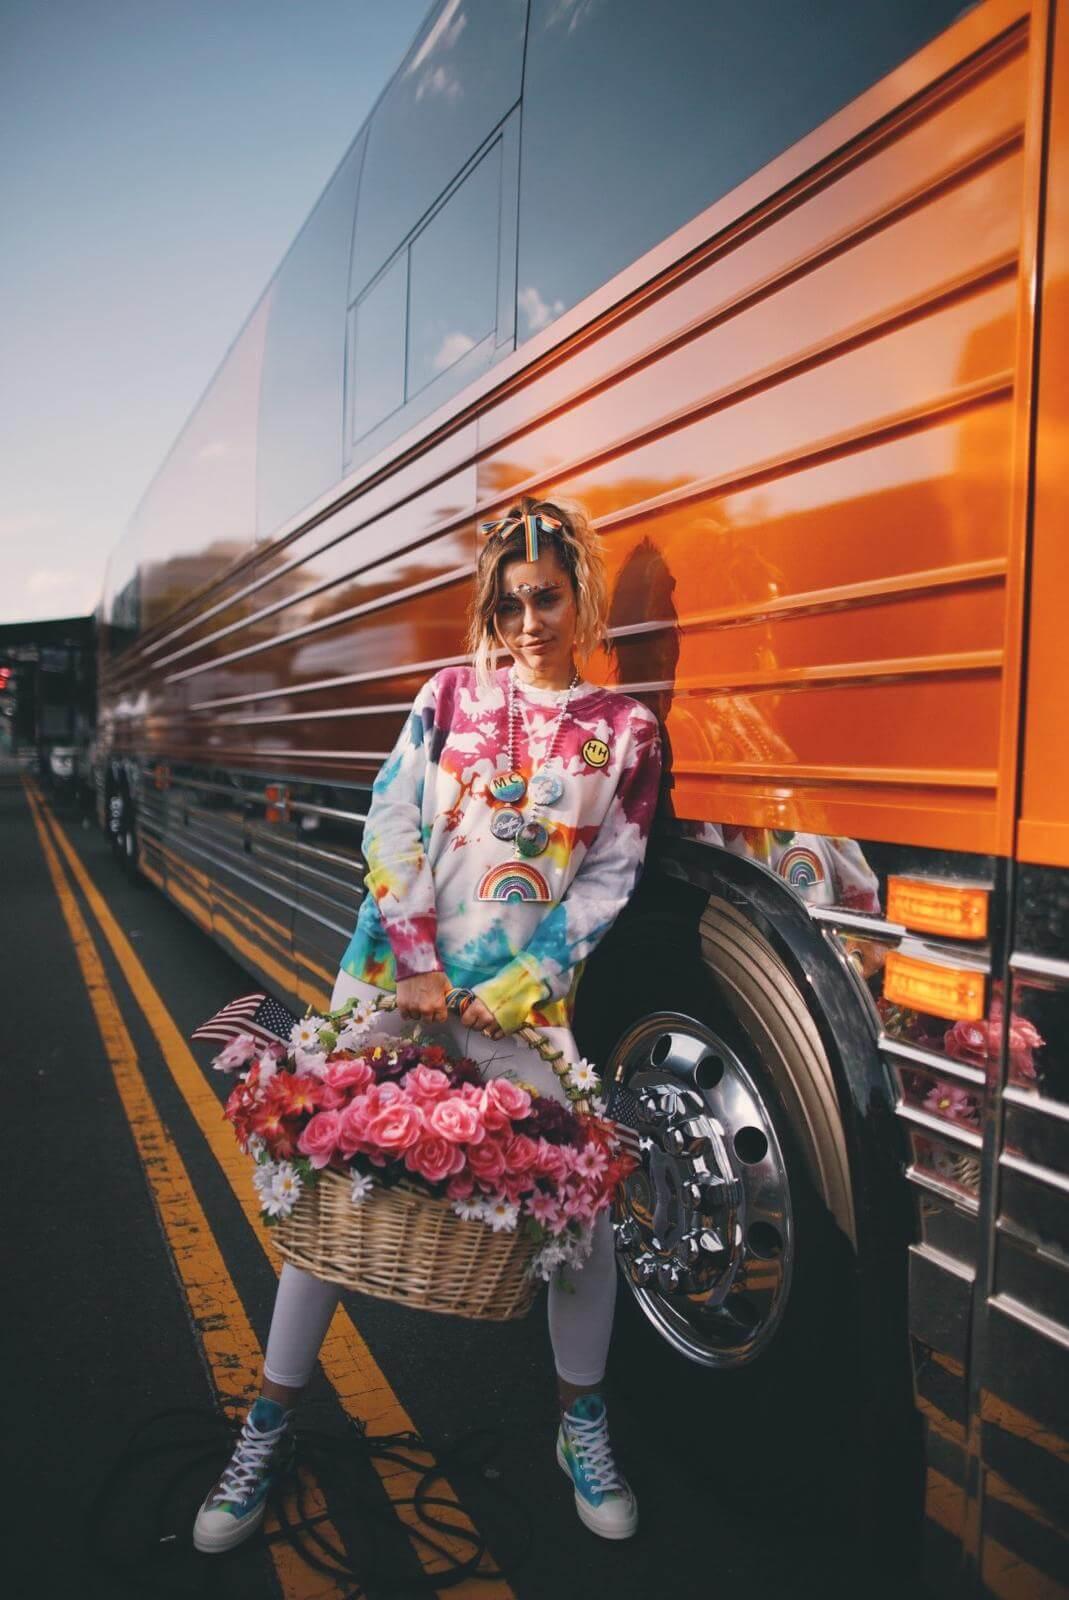 Converse y Miley Cyrus - Mercatrend Fashion School